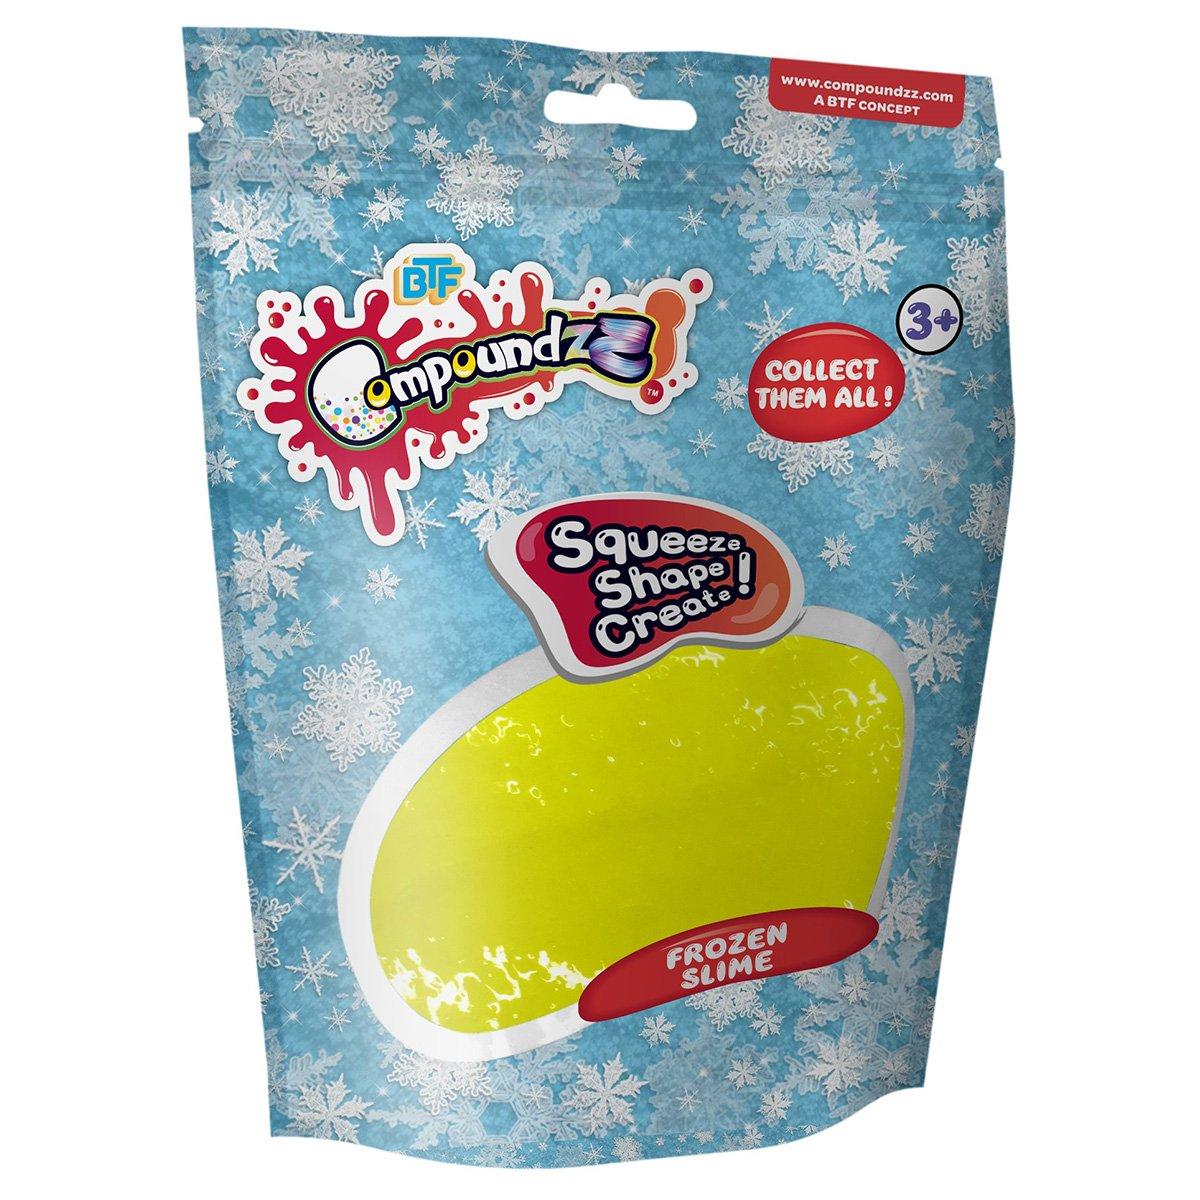 Punguta cu pasta modelatoare Compoundzz, Frozen Slime, Galben